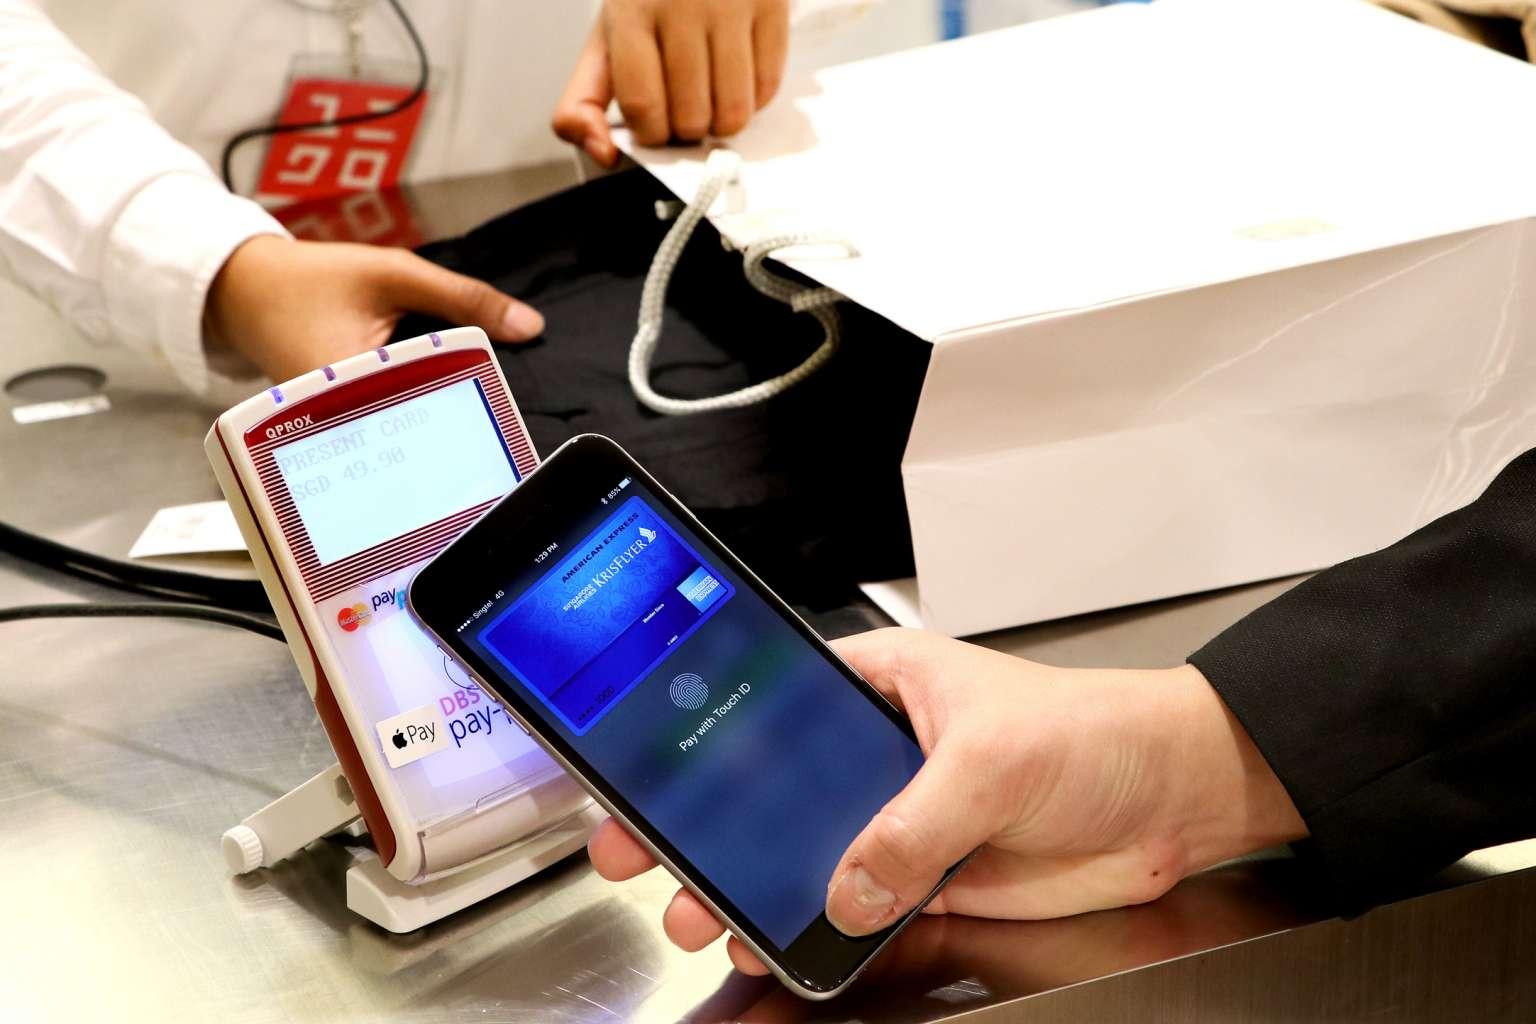 Nfc в беларуси: что это и как пользоваться бесконтактной оплатой телефоном?